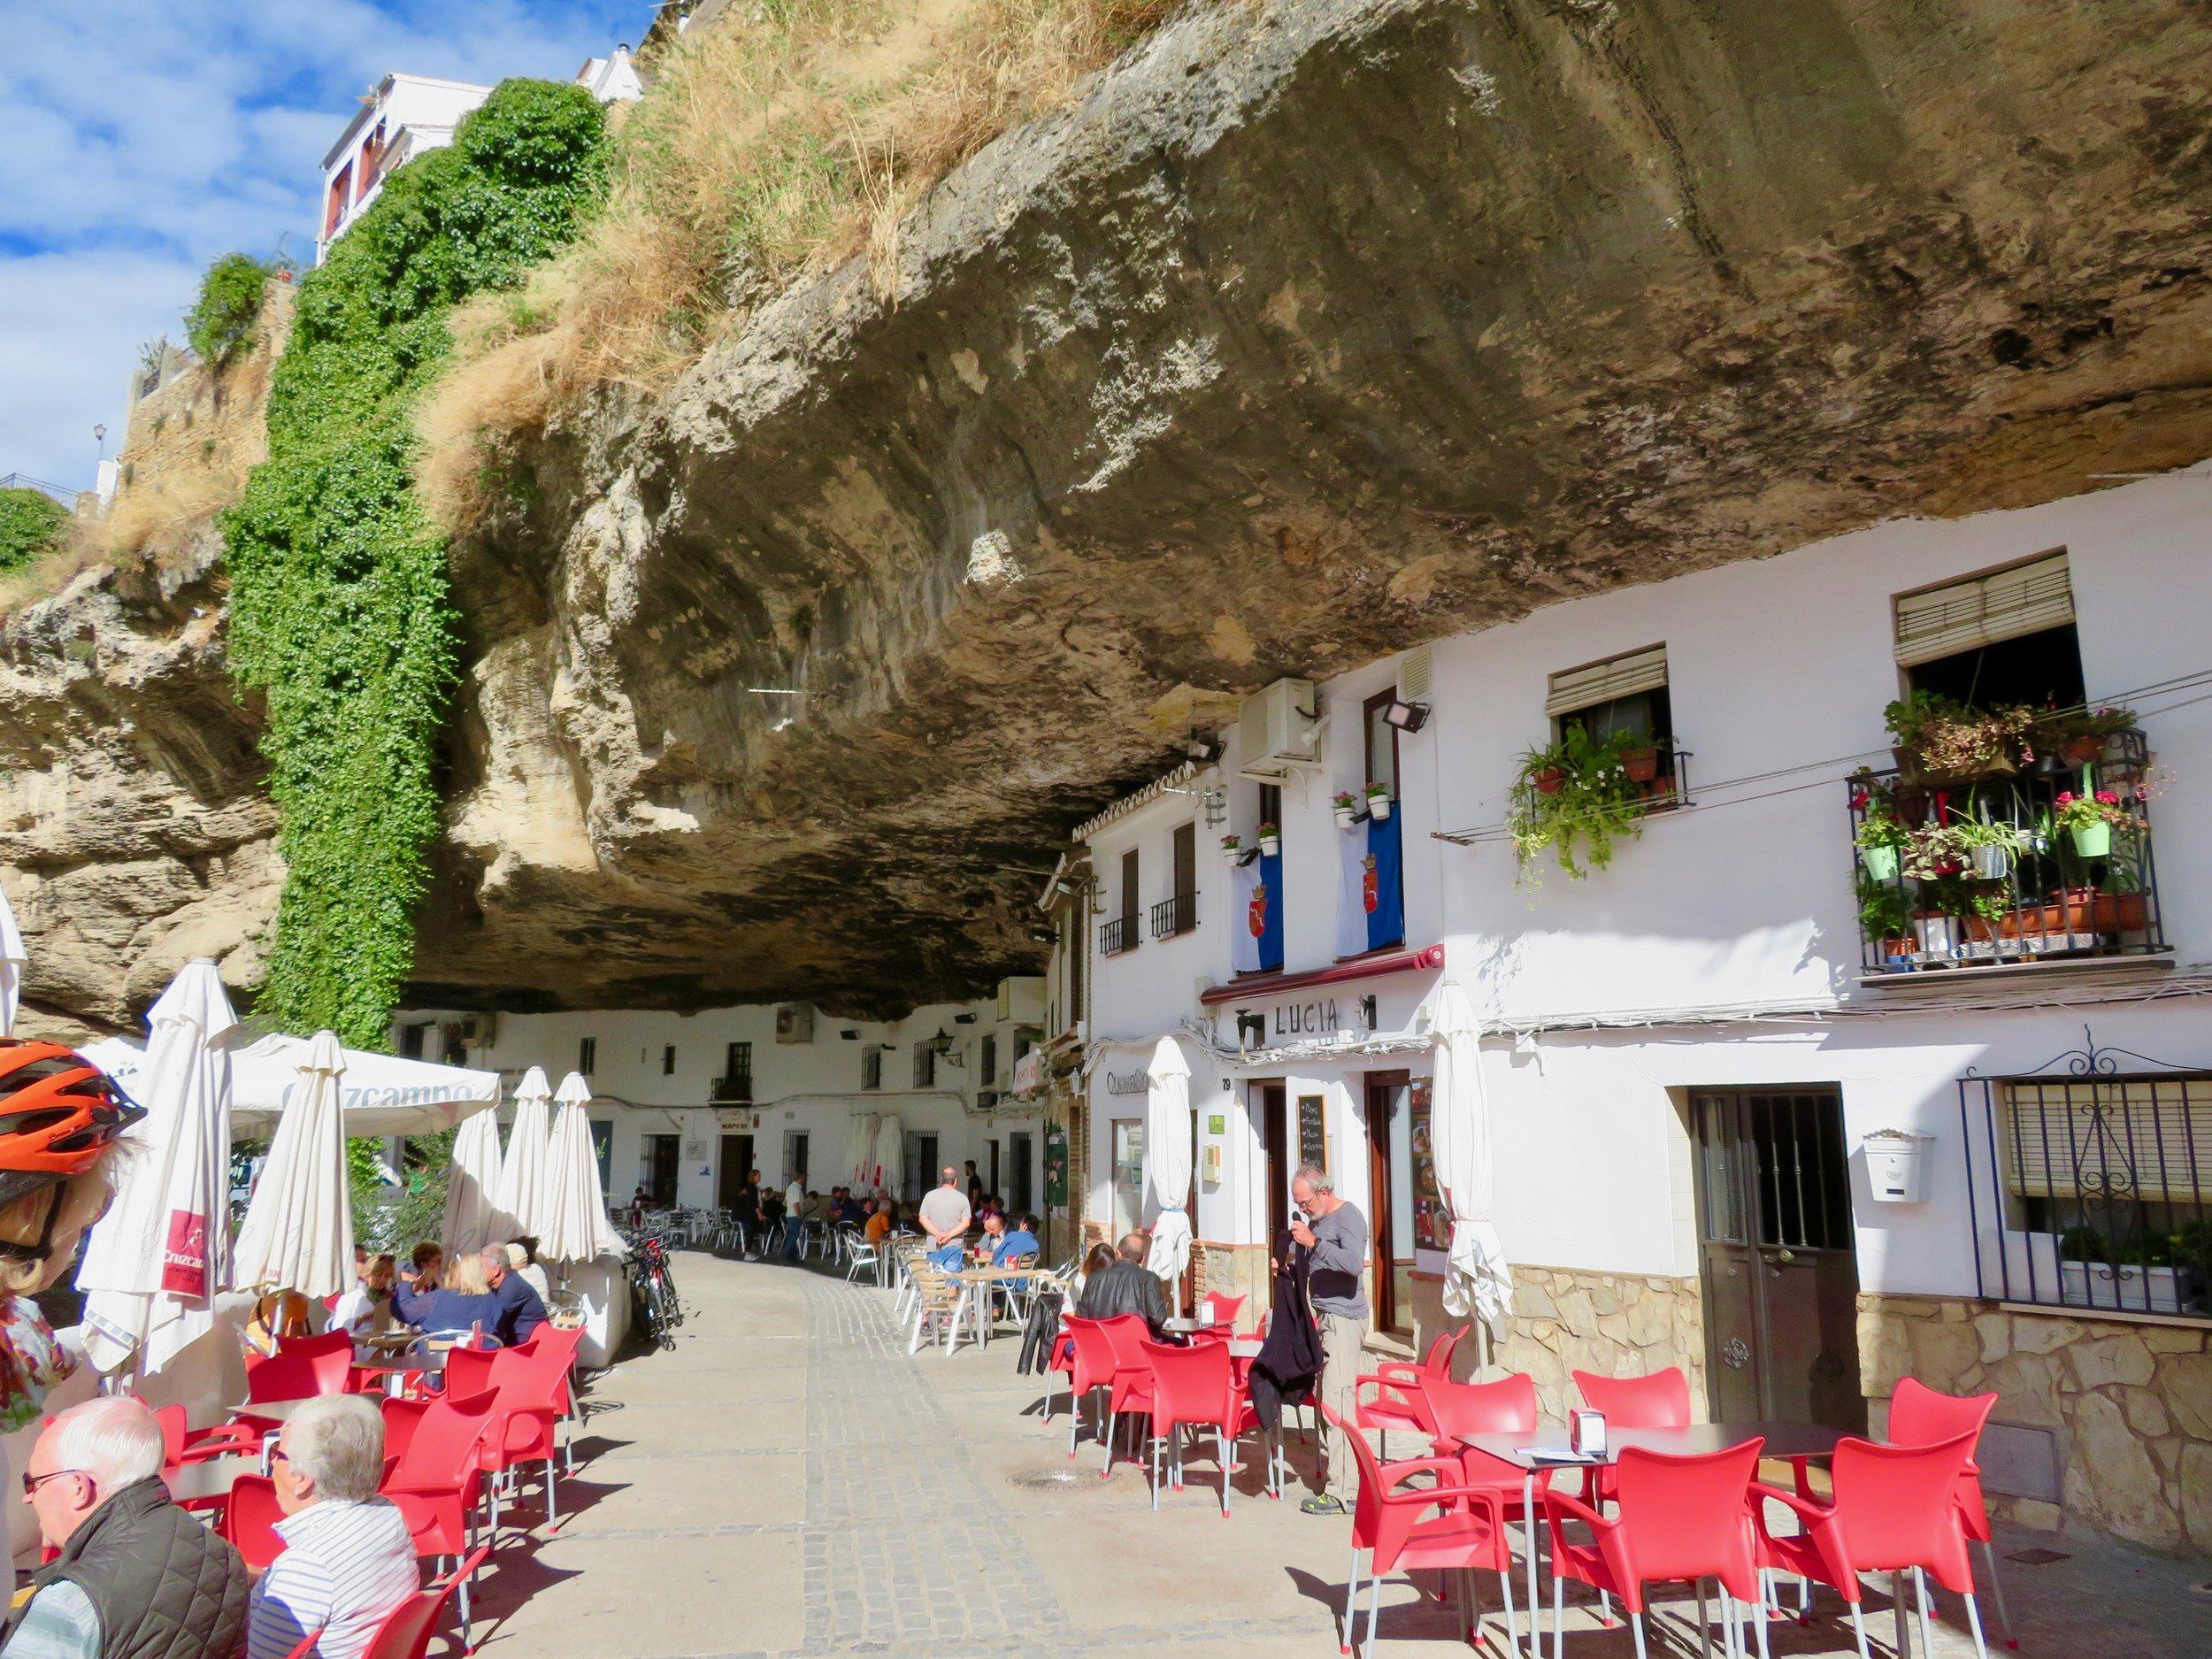 The cave-houses of Setenil de las Bodegas